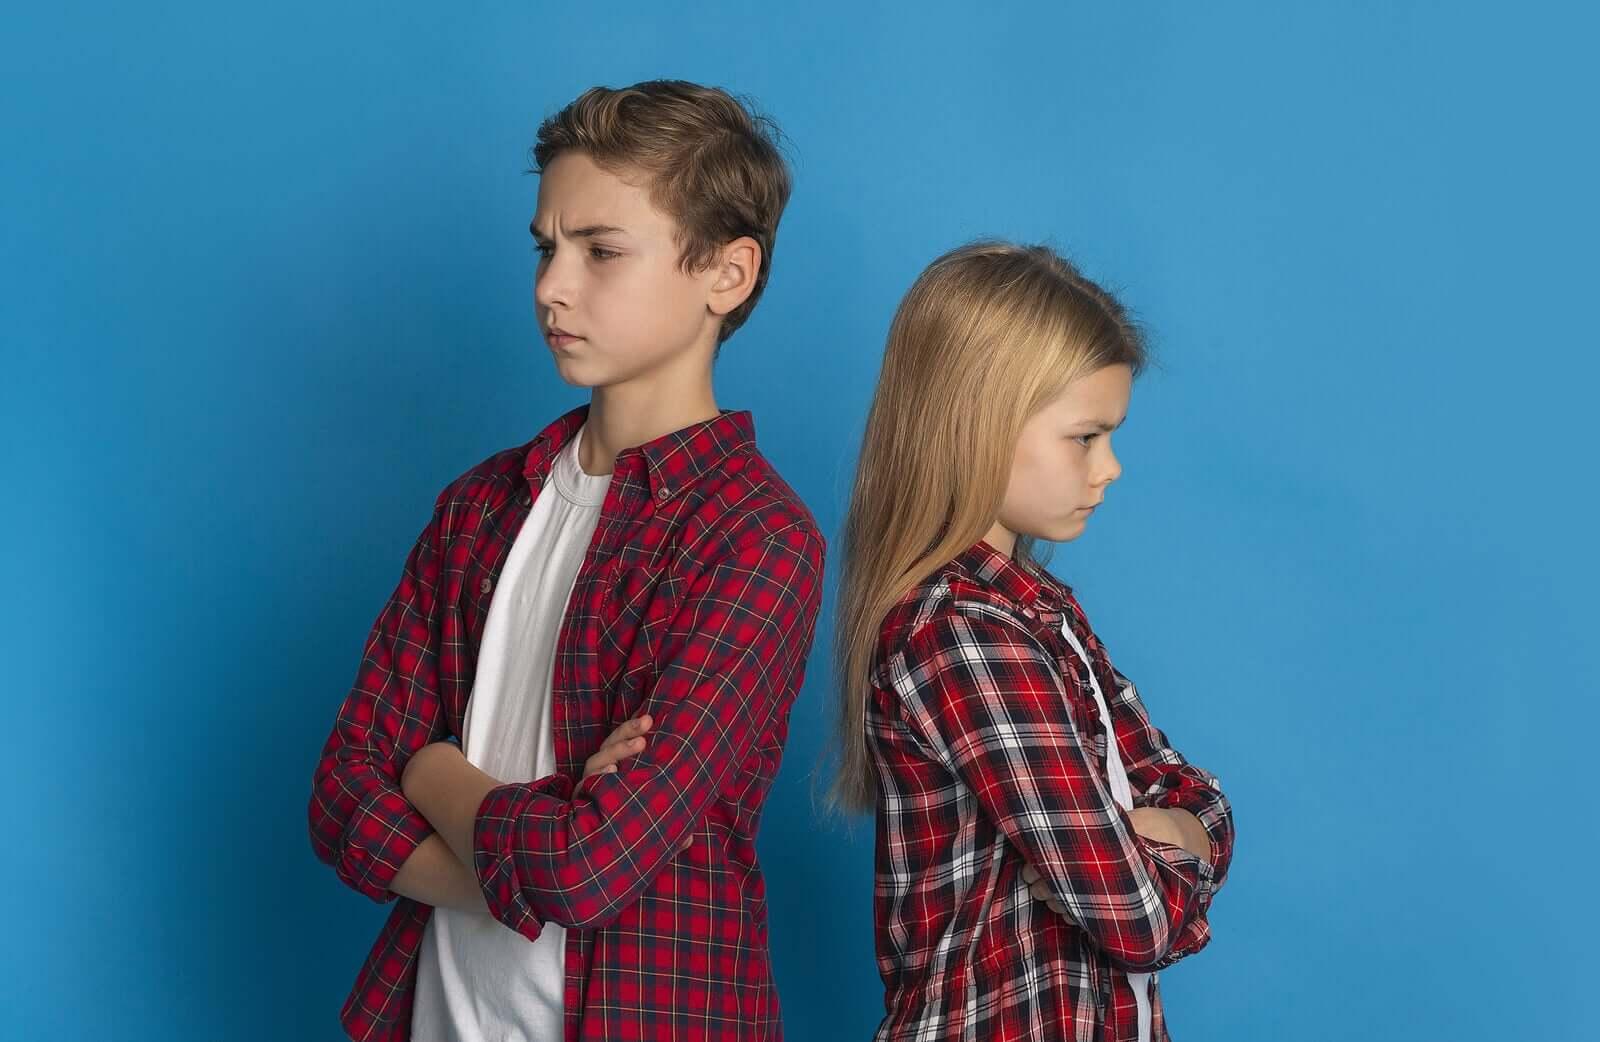 ajudar os seus filhos a entender o senso de justiça